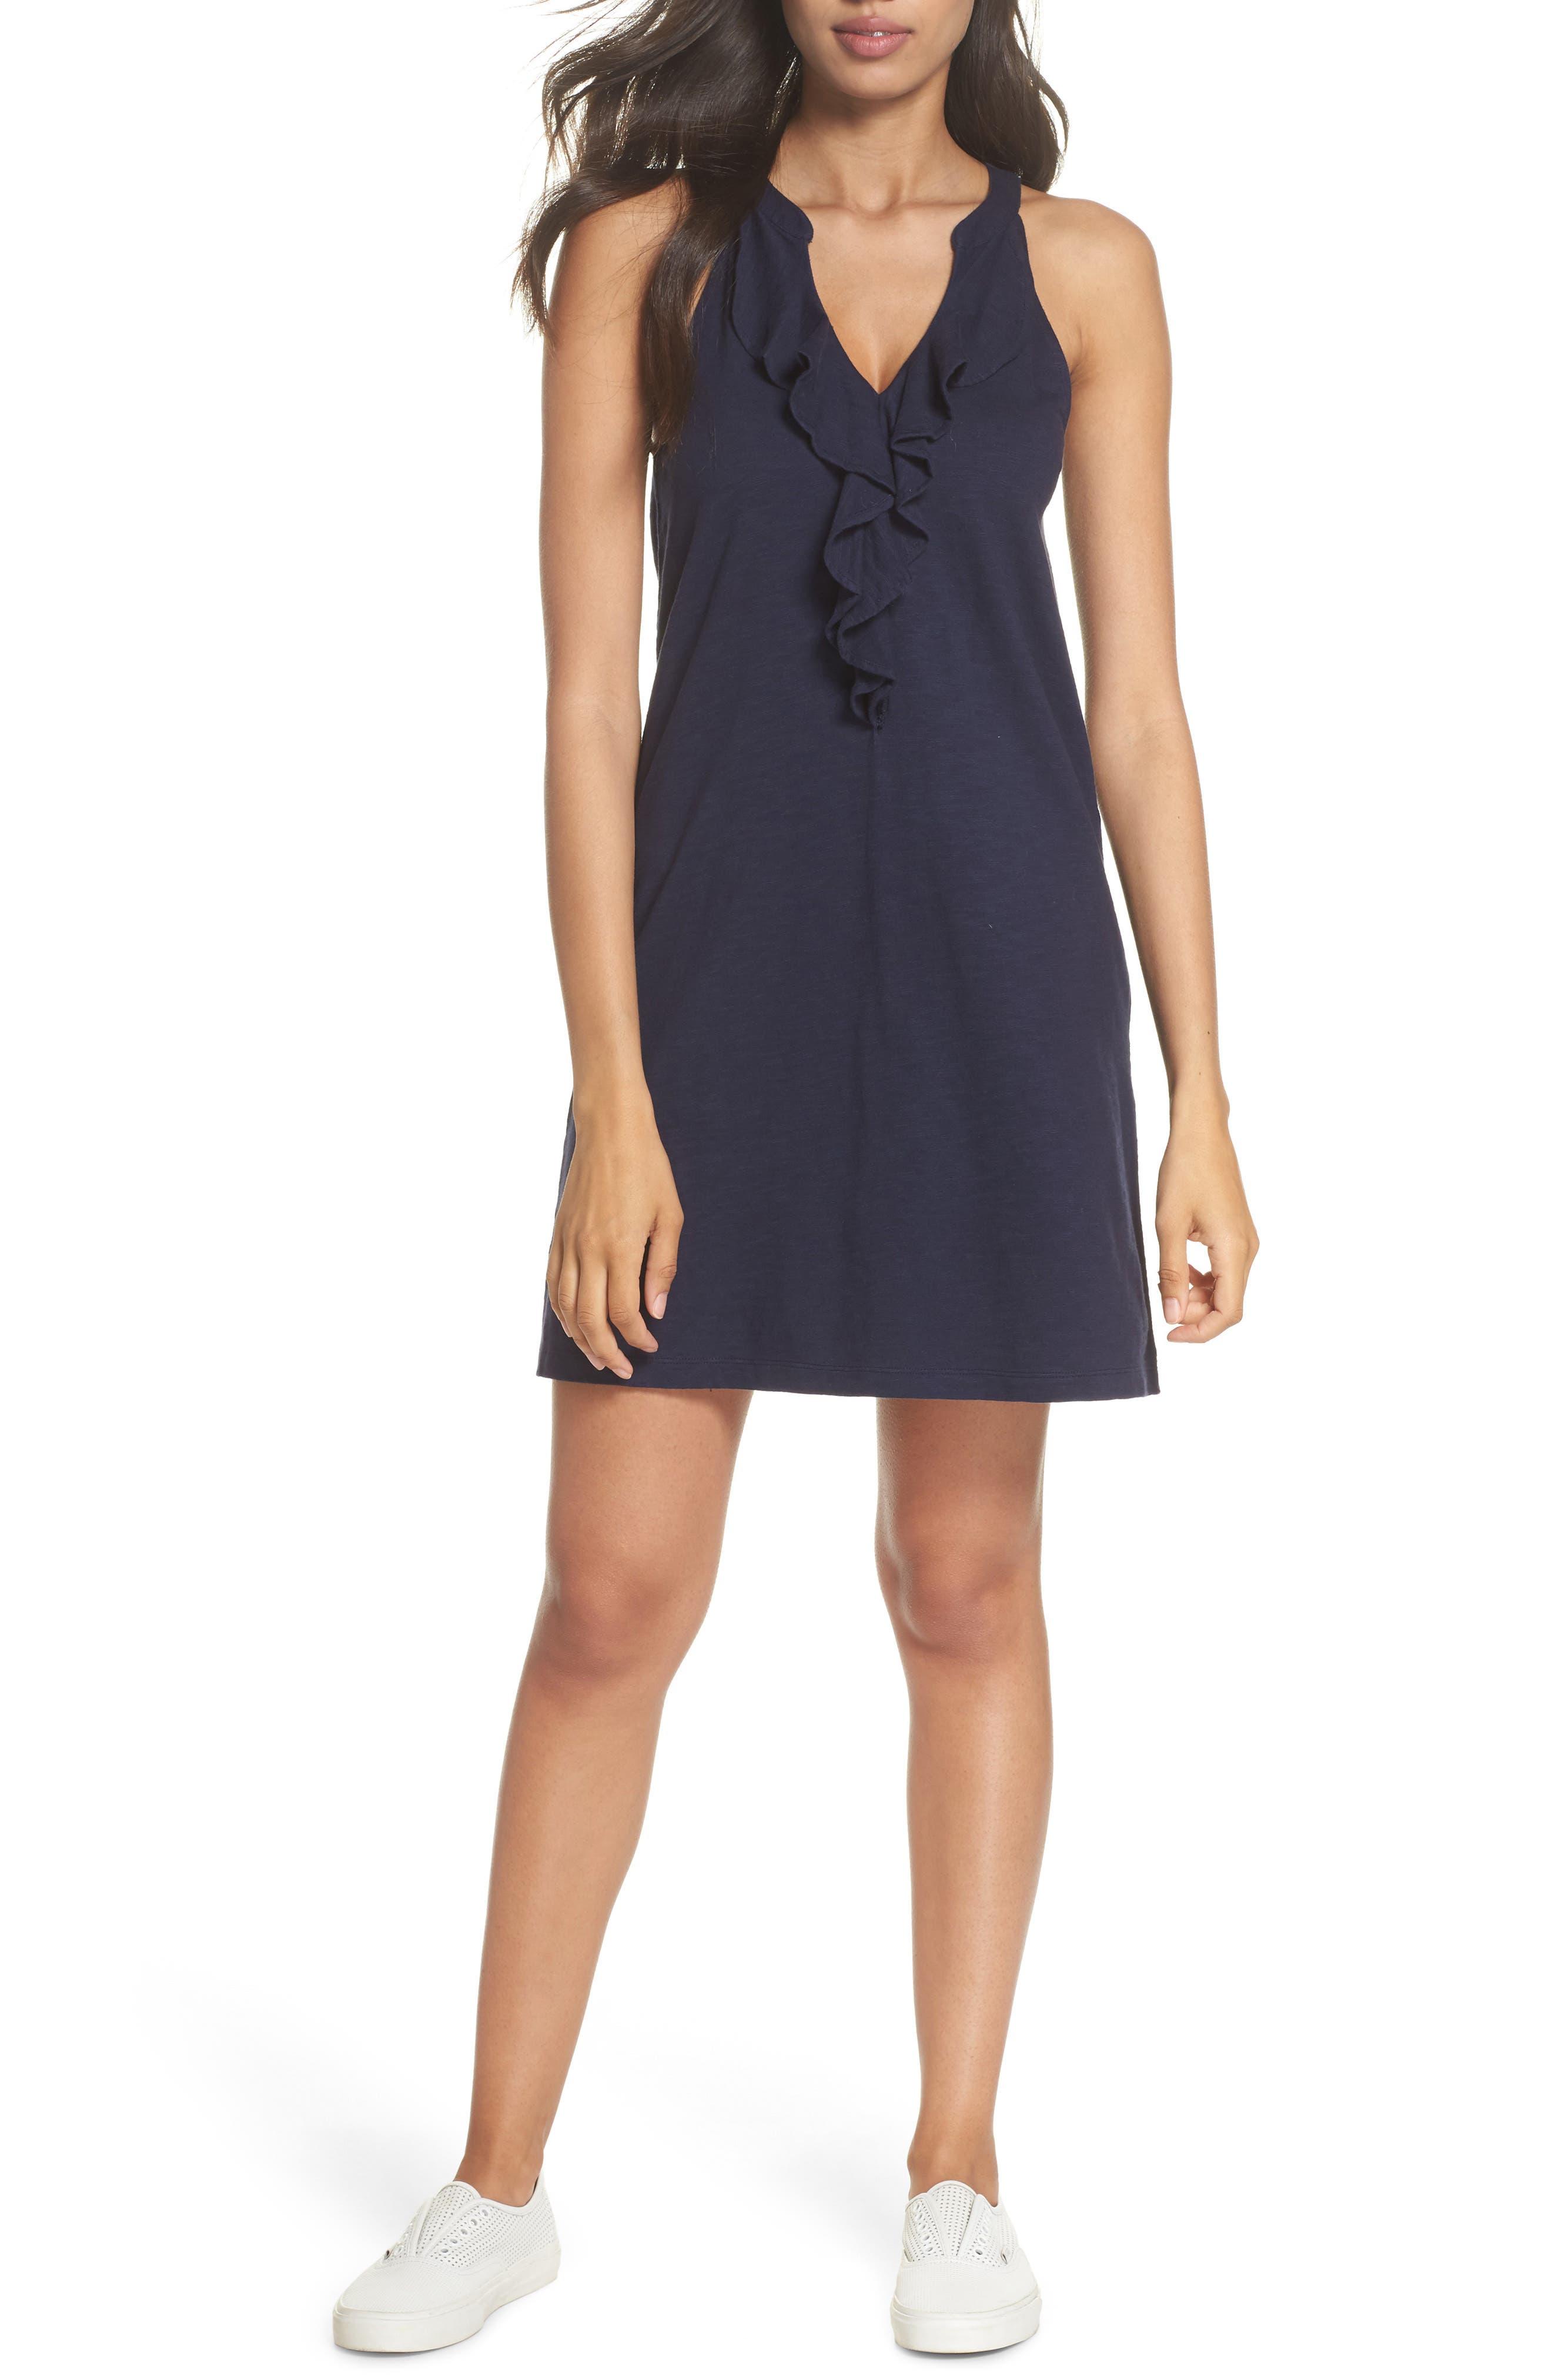 Lilly Pulitzer® Shay Ruffle Tank Dress